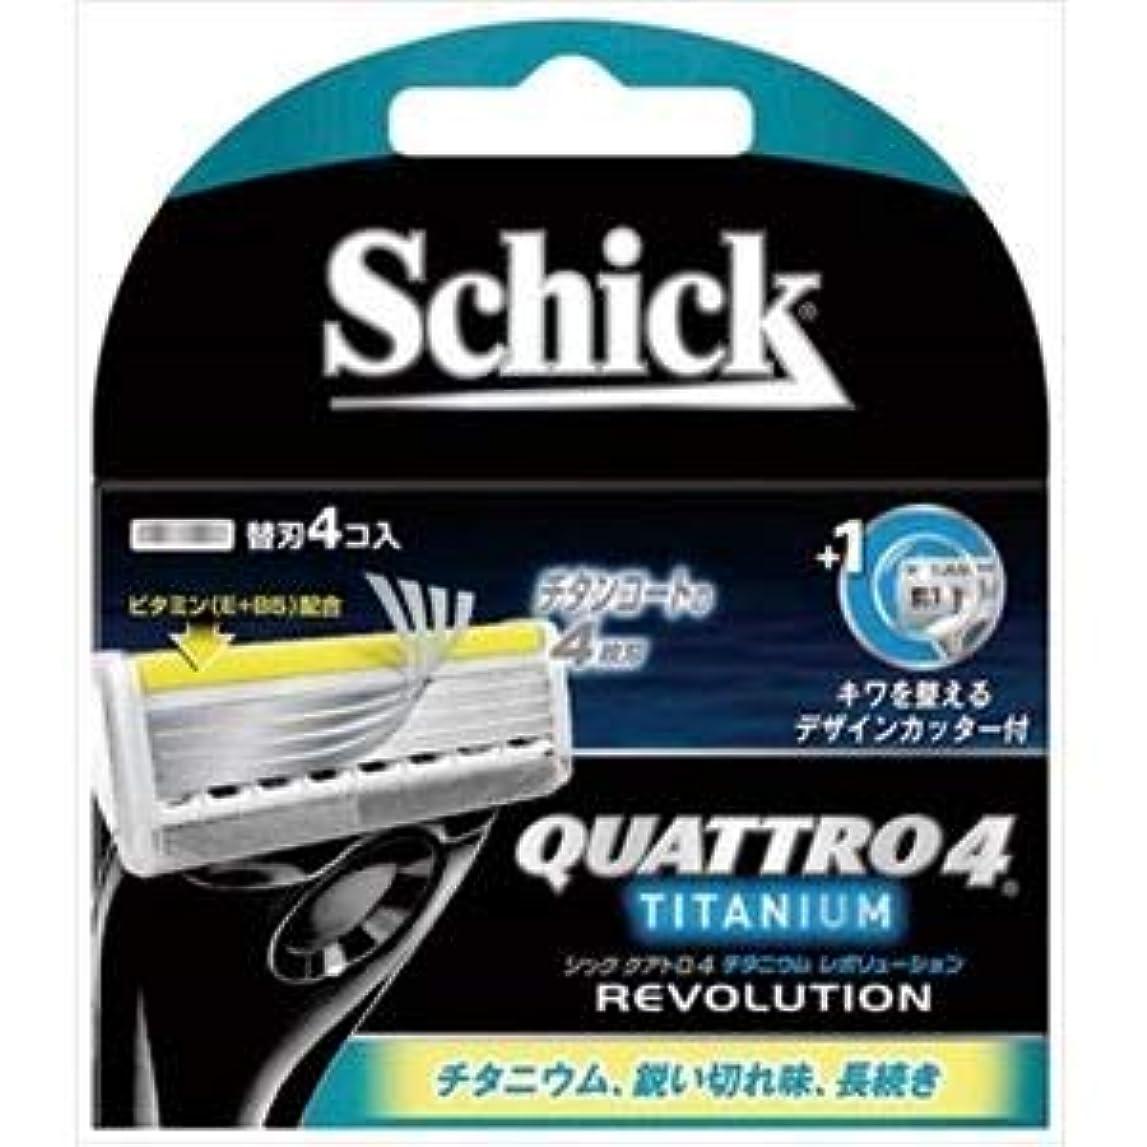 ポーンまたね朝(まとめ)シック(Schick) クアトロ4チタニウムレボリューション替刃(4コ入) 【×3点セット】